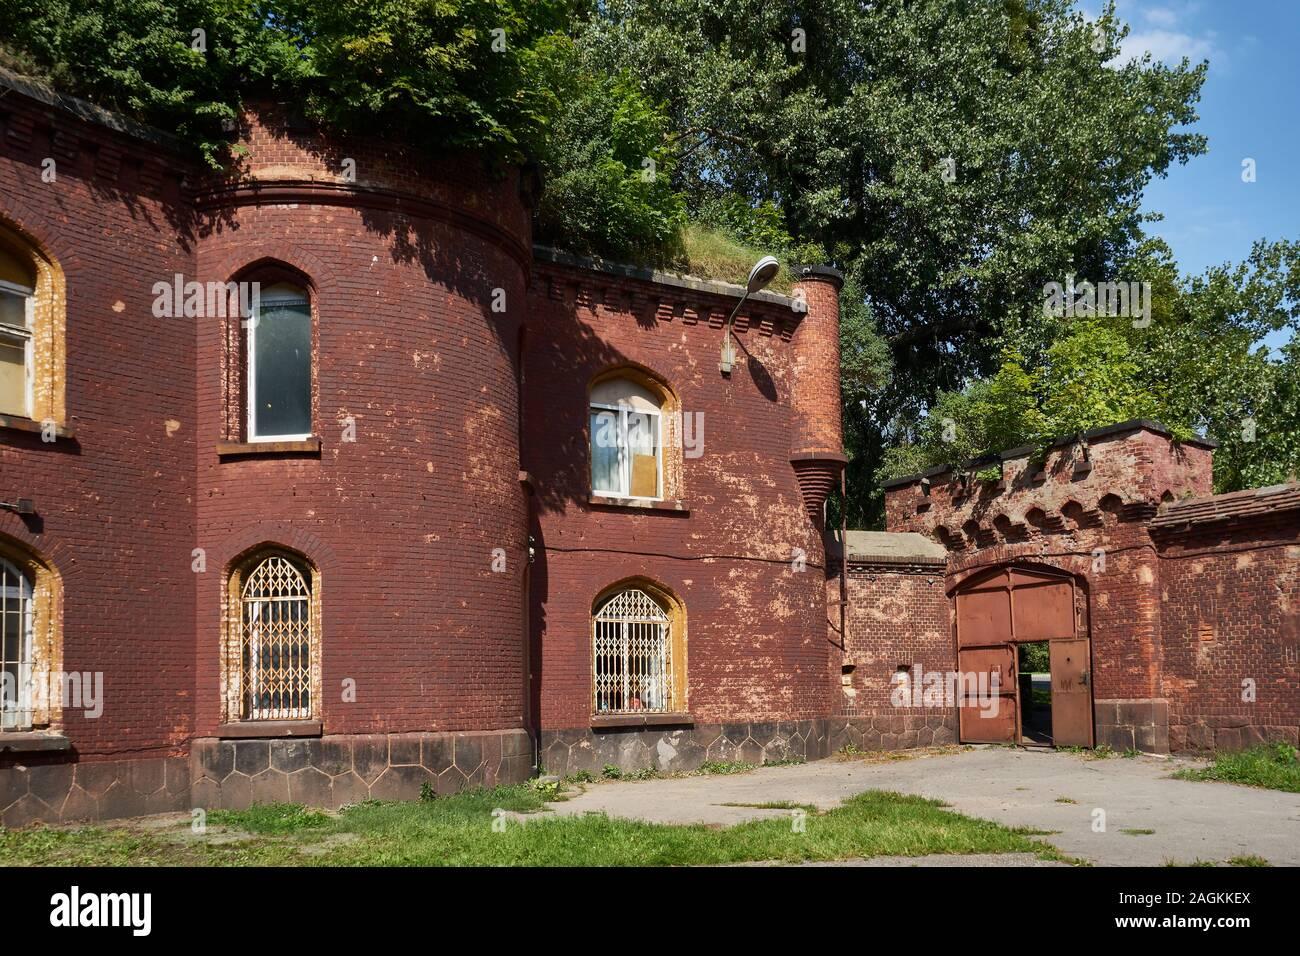 Astronomische Bastion, Teil der der alten Befestigungsanlagen von Königsberg, Kaliningrad, Oblast Kaliningrad, Russland Stock Photo